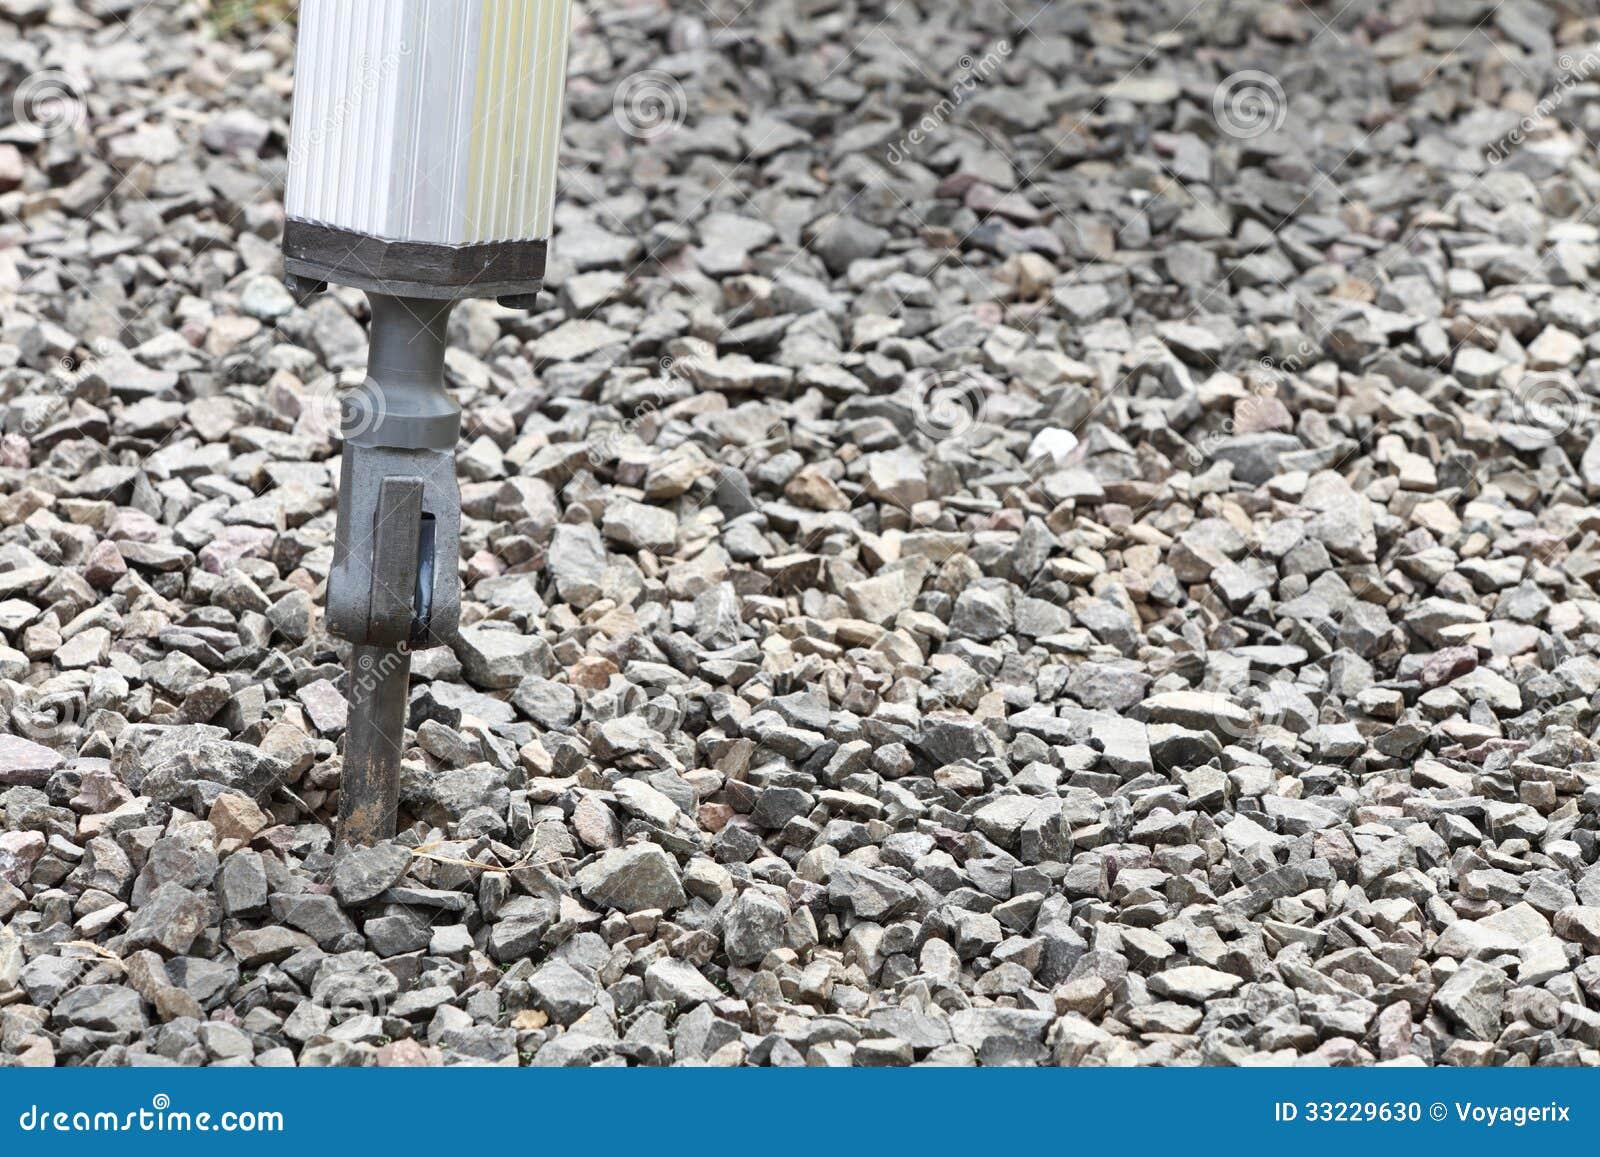 Braço Hidráulico Da Broca Pneumática Do Jackhammer Foto de Stock  #82A328 1300x957